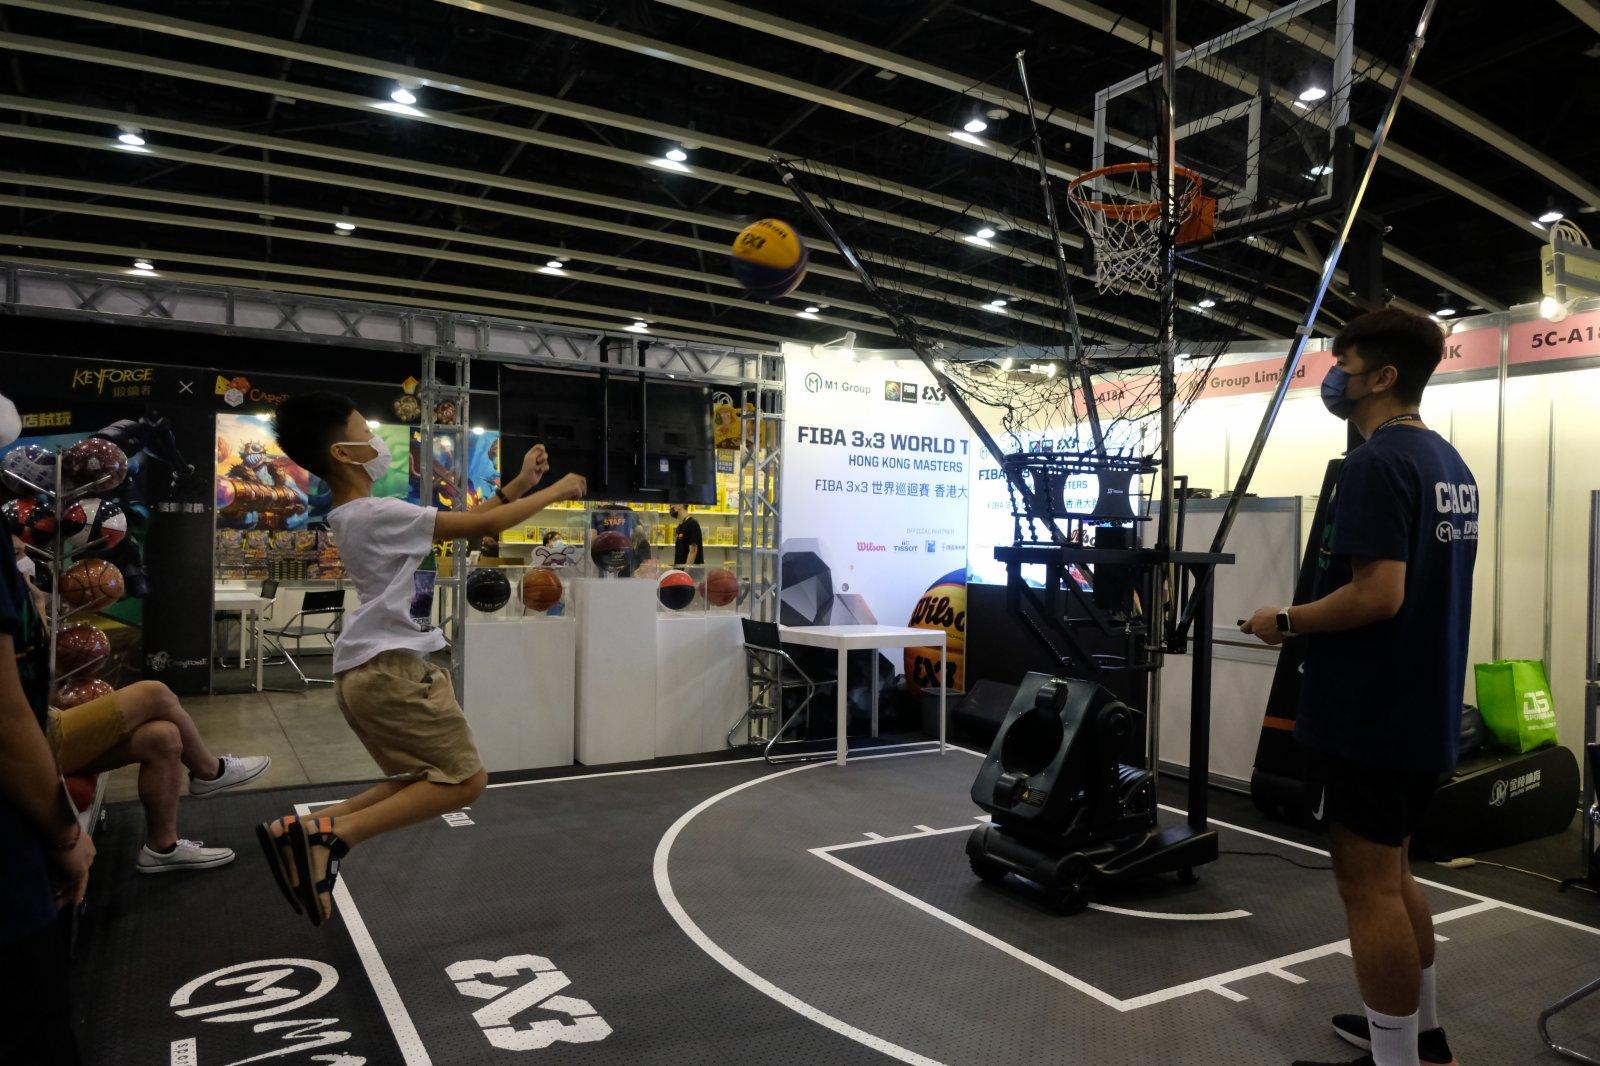 博覽會上展出各類休閒和體育用品。(大公文匯全媒體記者麥鈞傑攝)